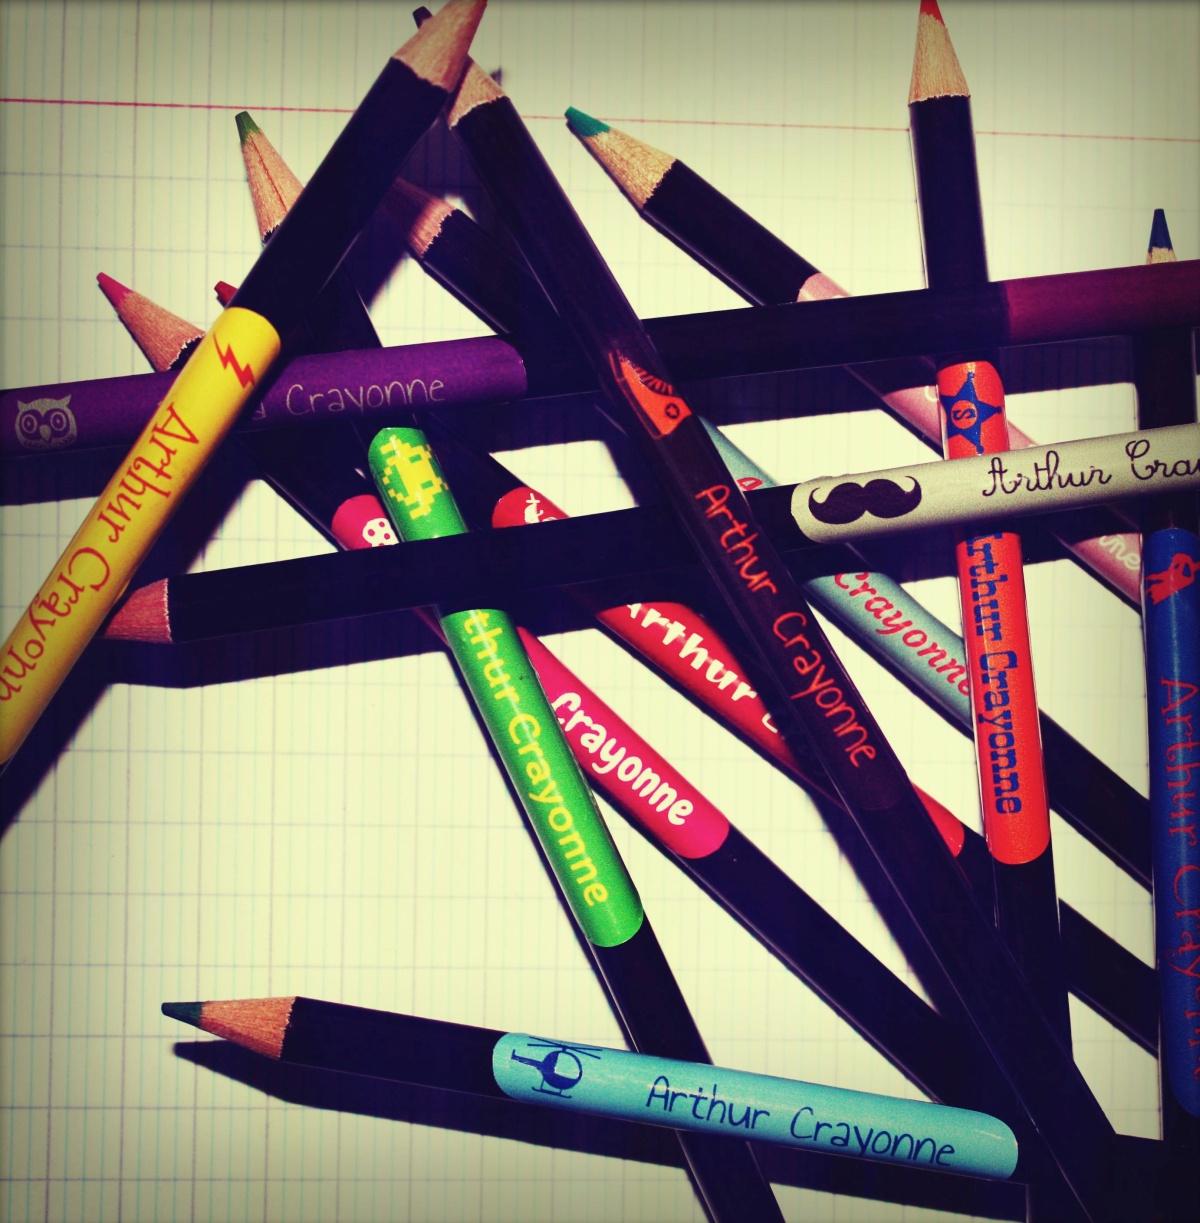 C-MonEtiquette_e¦ütiquettes autocollantes_crayons - copie